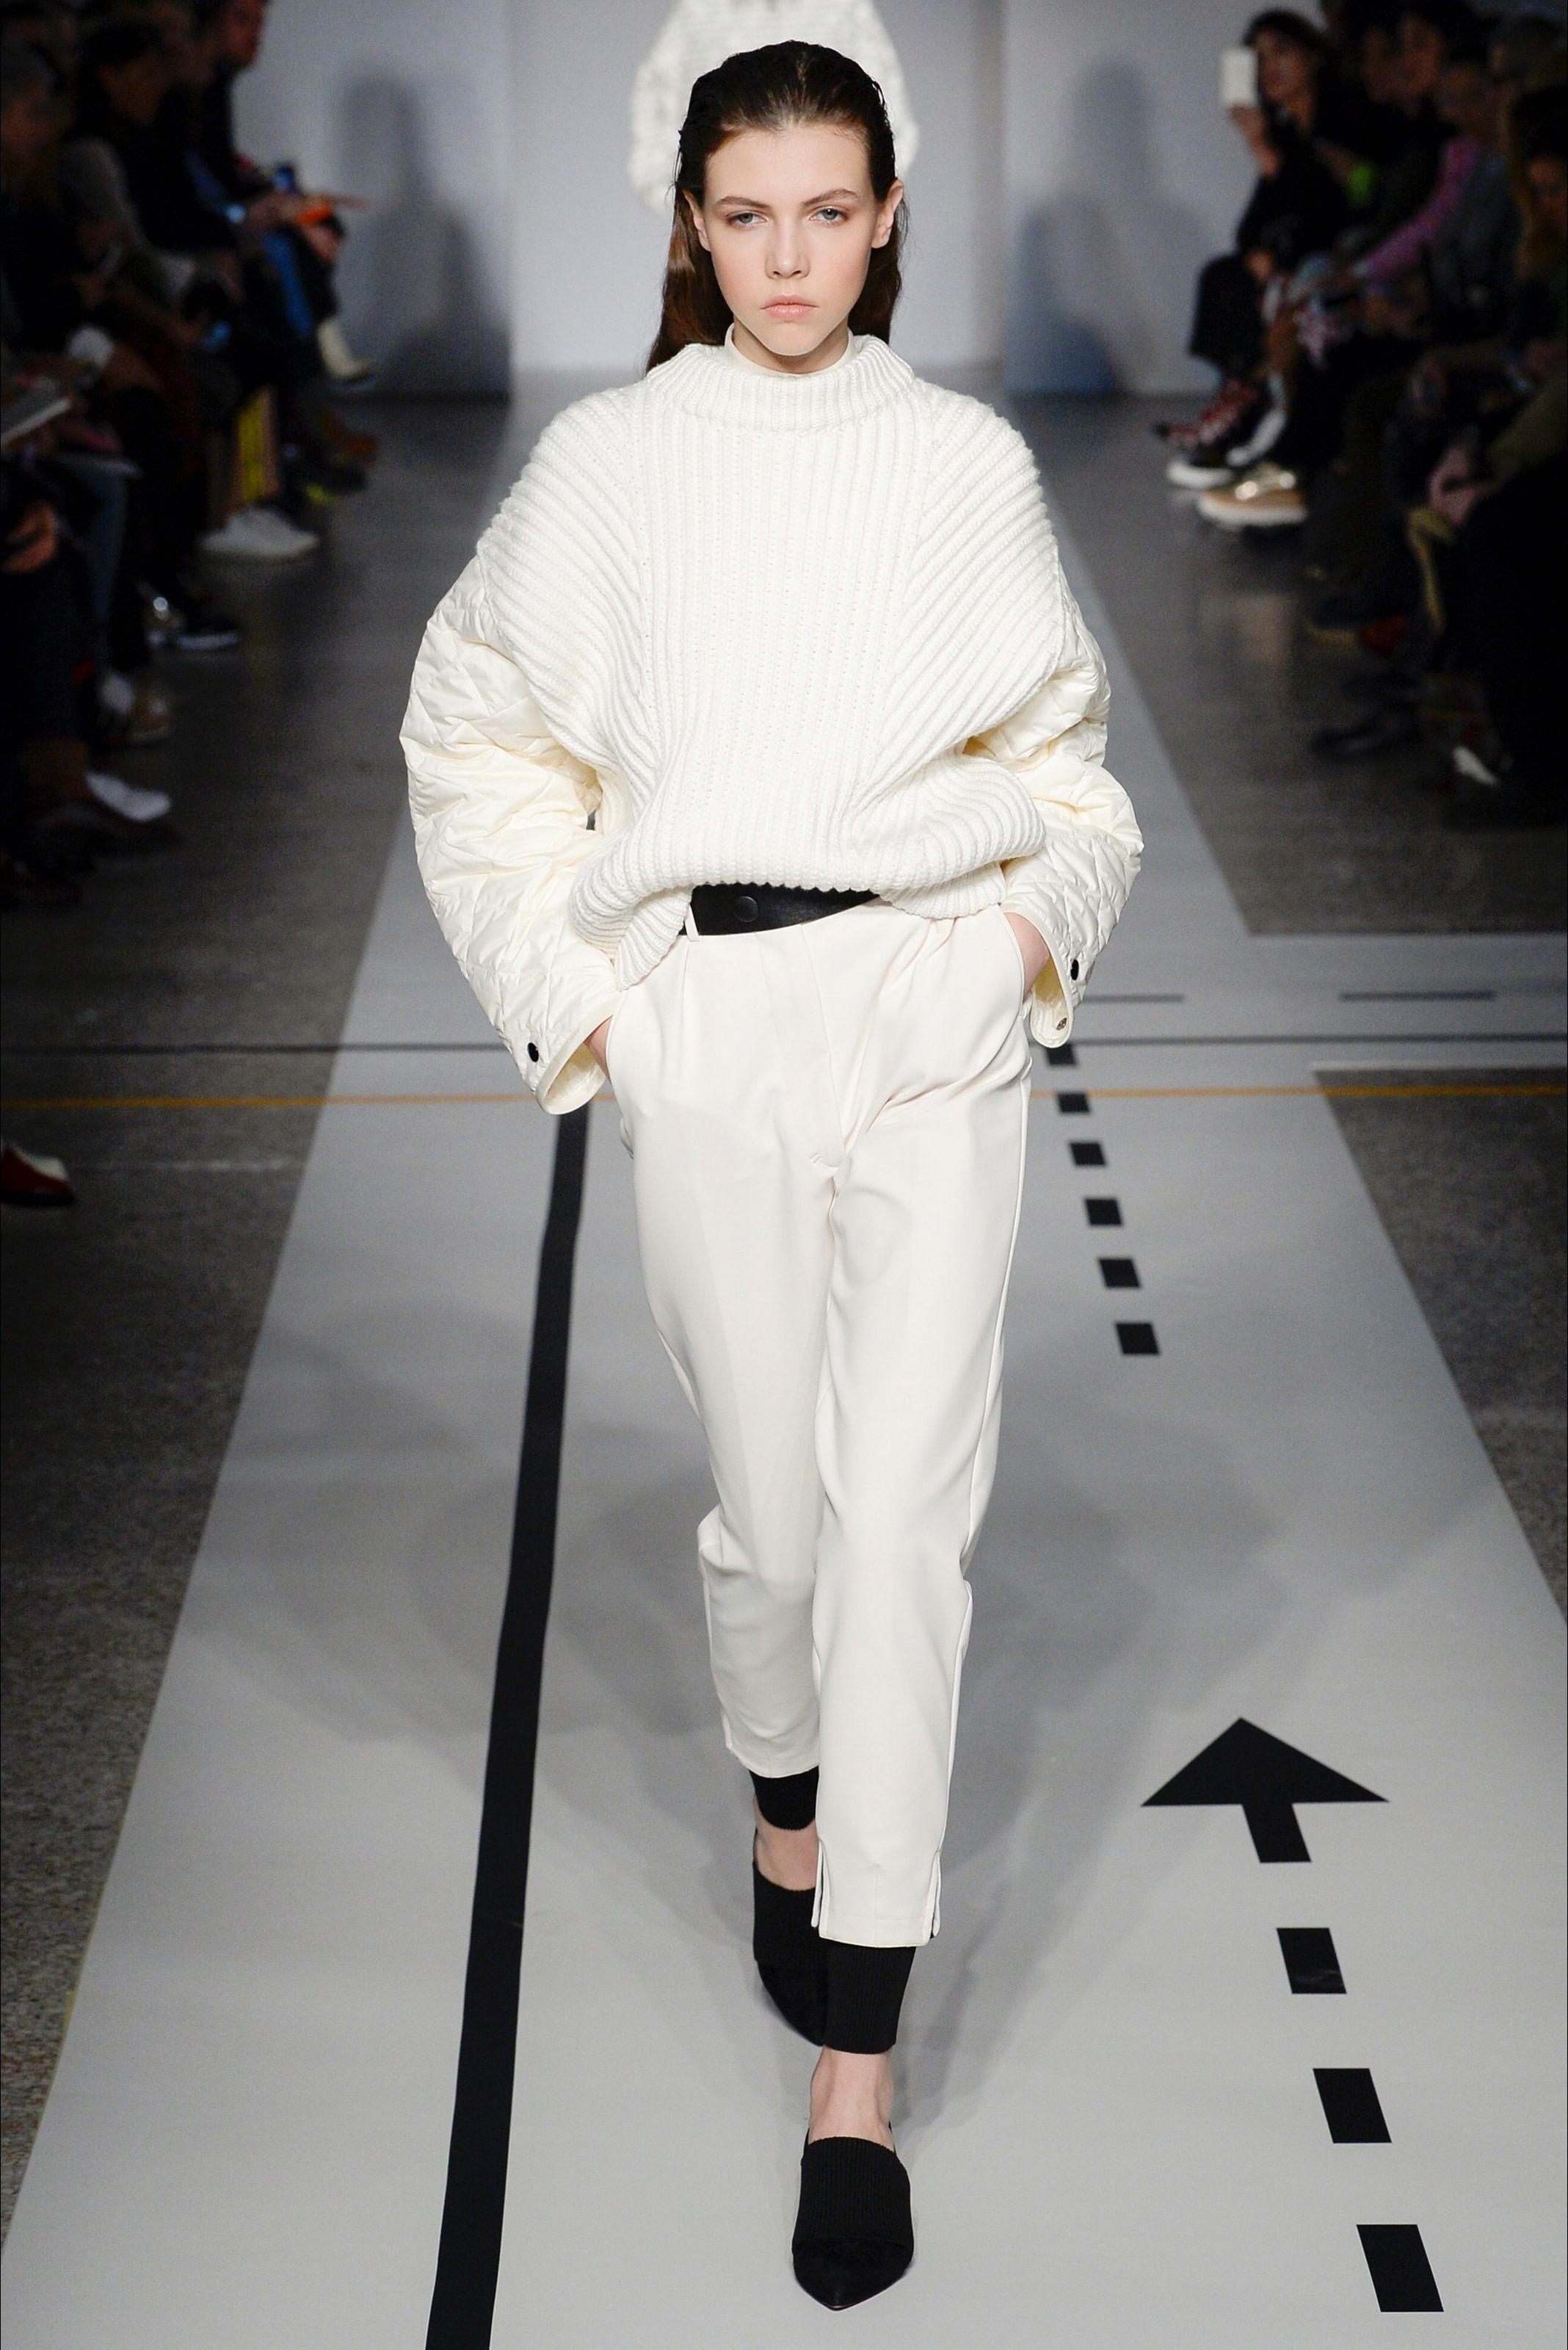 Guarda la sfilata di moda Sportmax a Milano e scopri la collezione di abiti  e accessori per la stagione Collezioni Autunno Inverno 2017-18. c79aebb683c